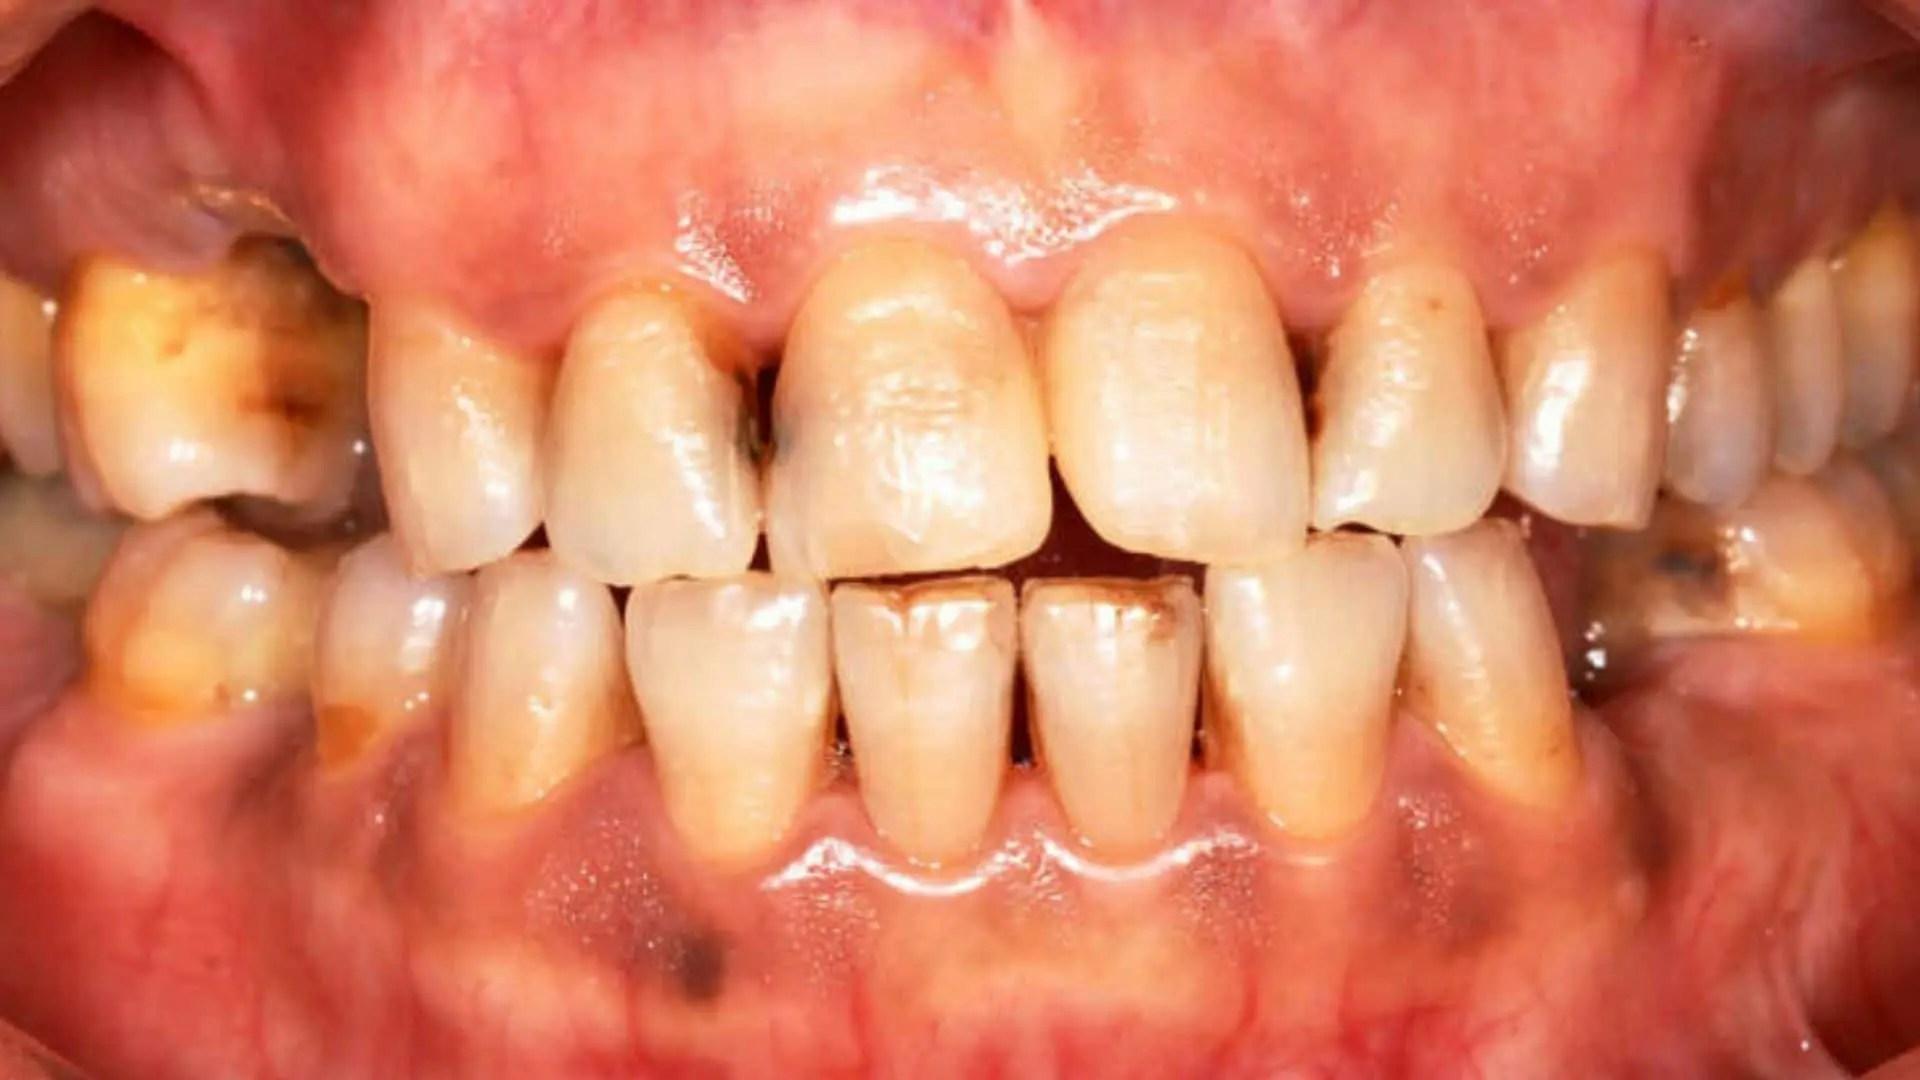 imagem ilustrativa de dentes podres